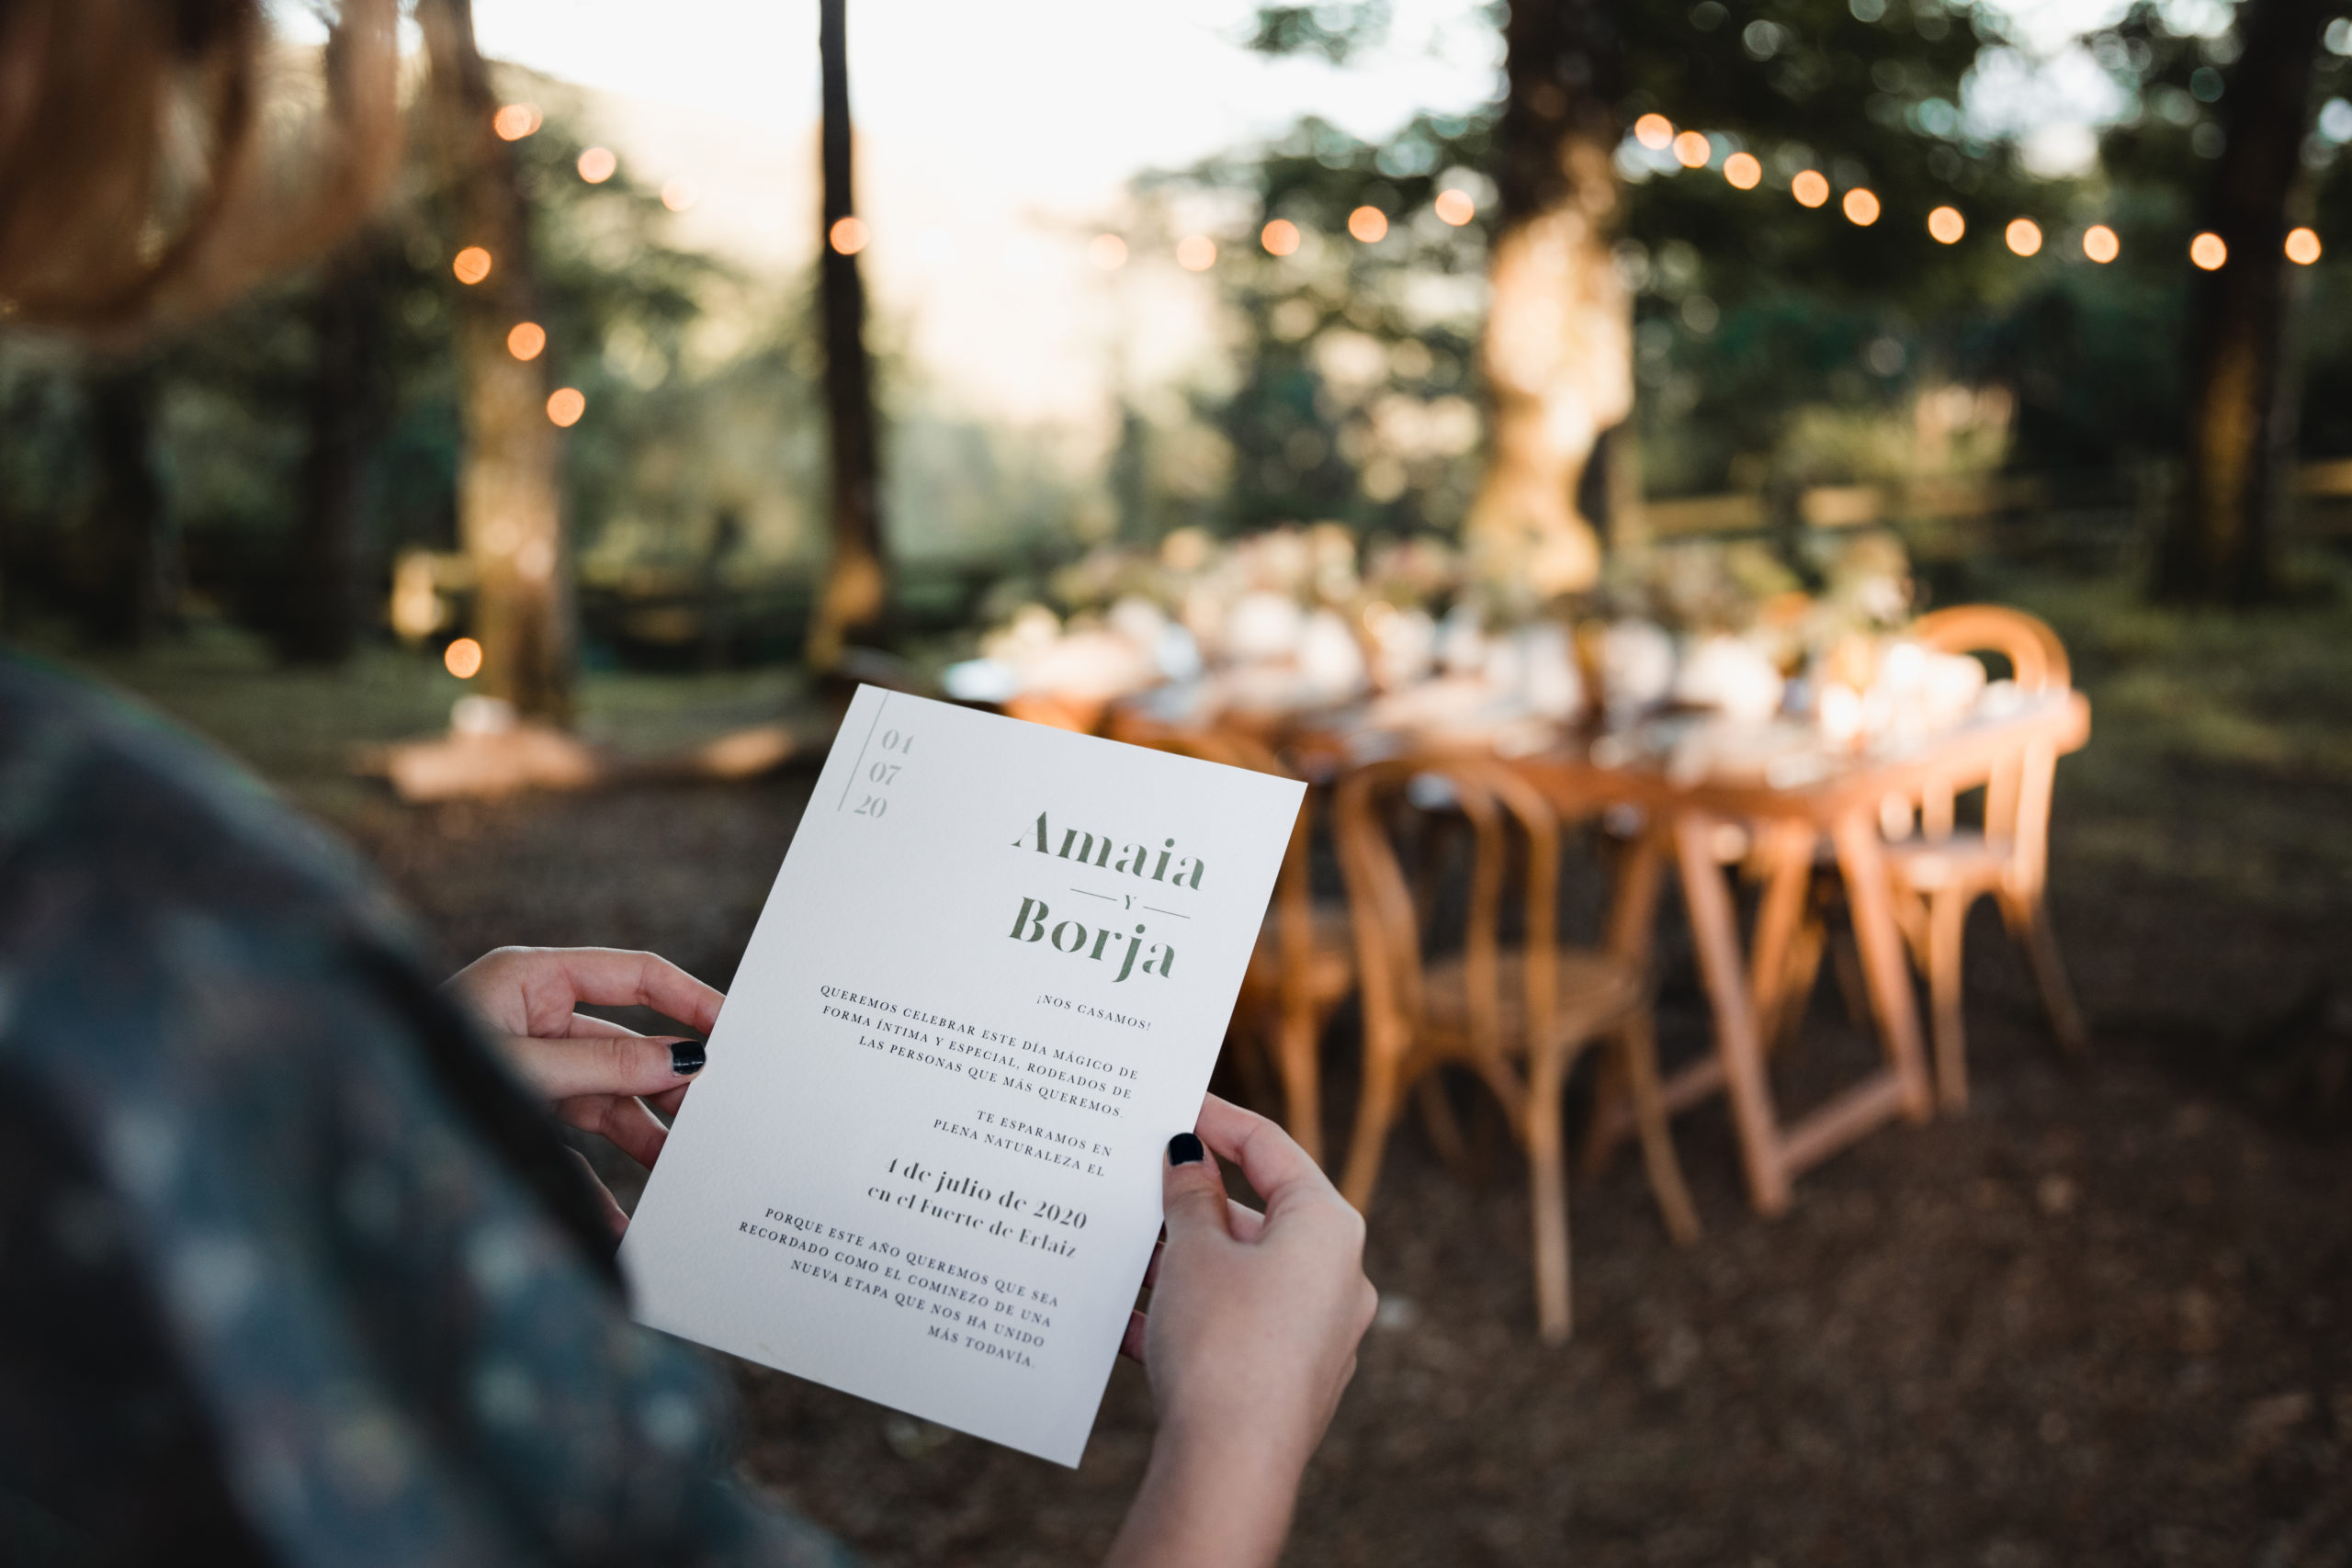 Invitación al banquete nupcial